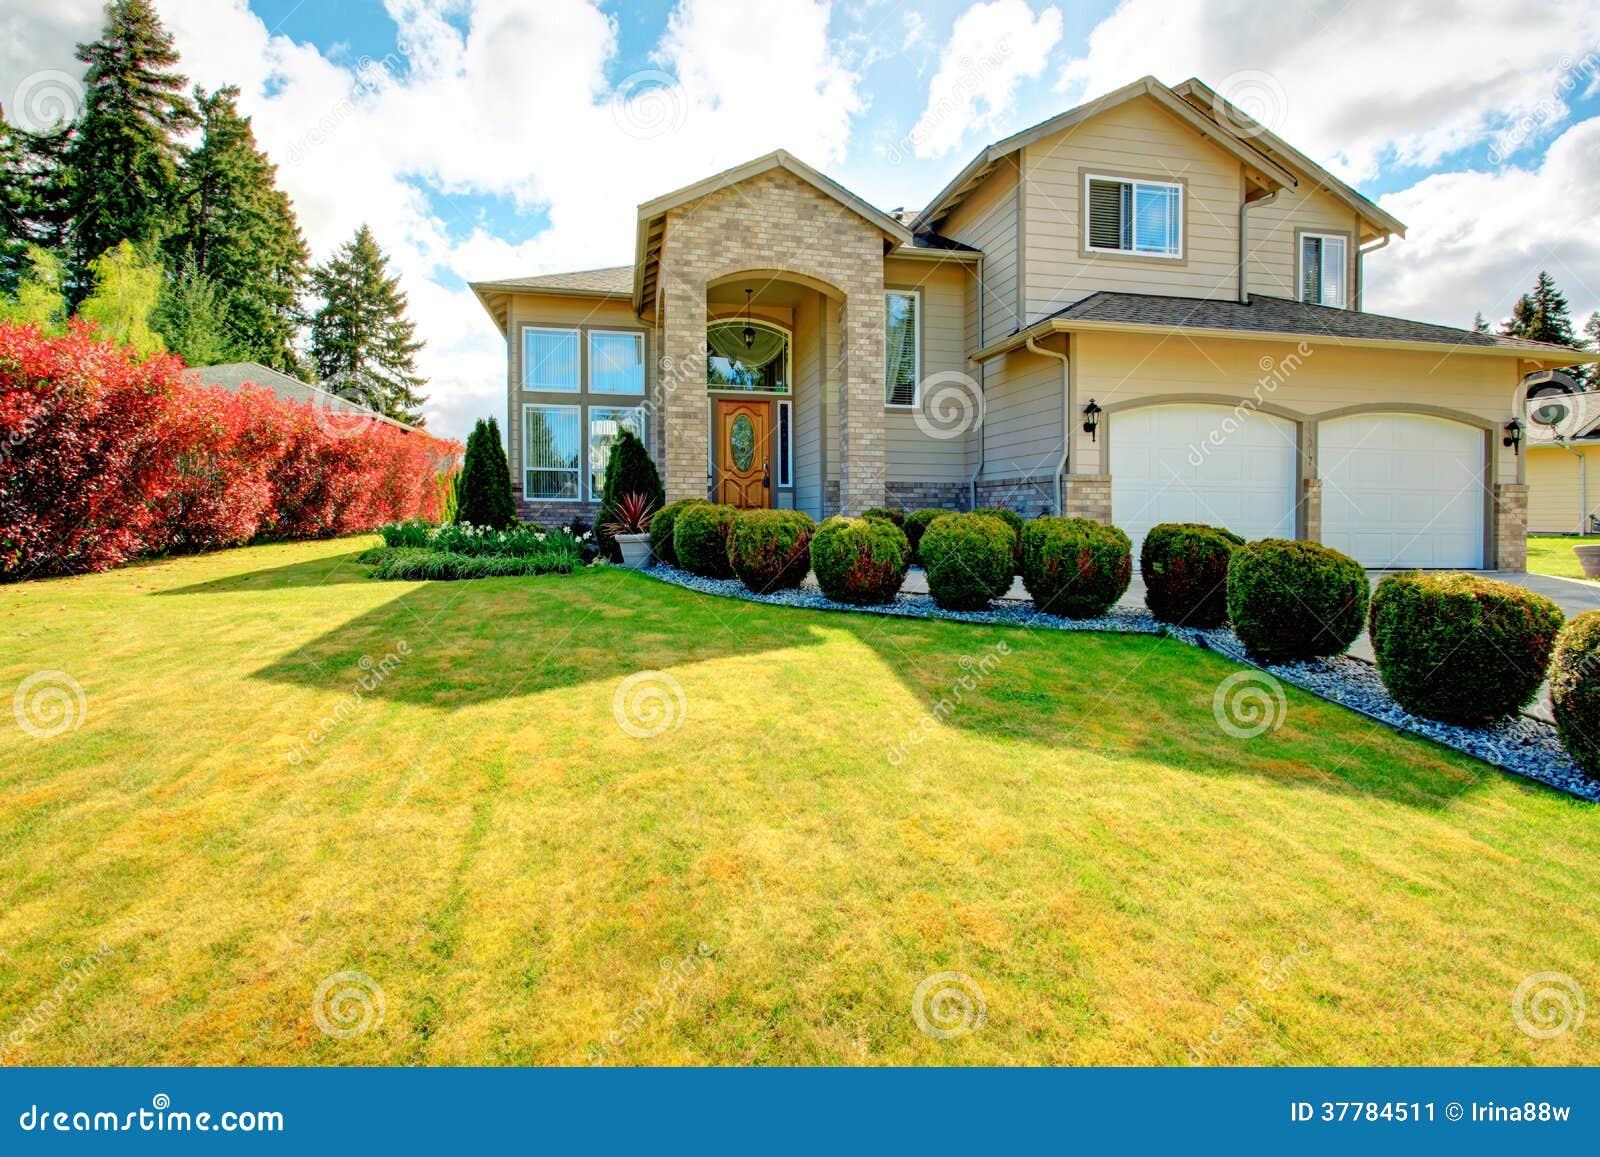 Exterior Design Idea Stock Image